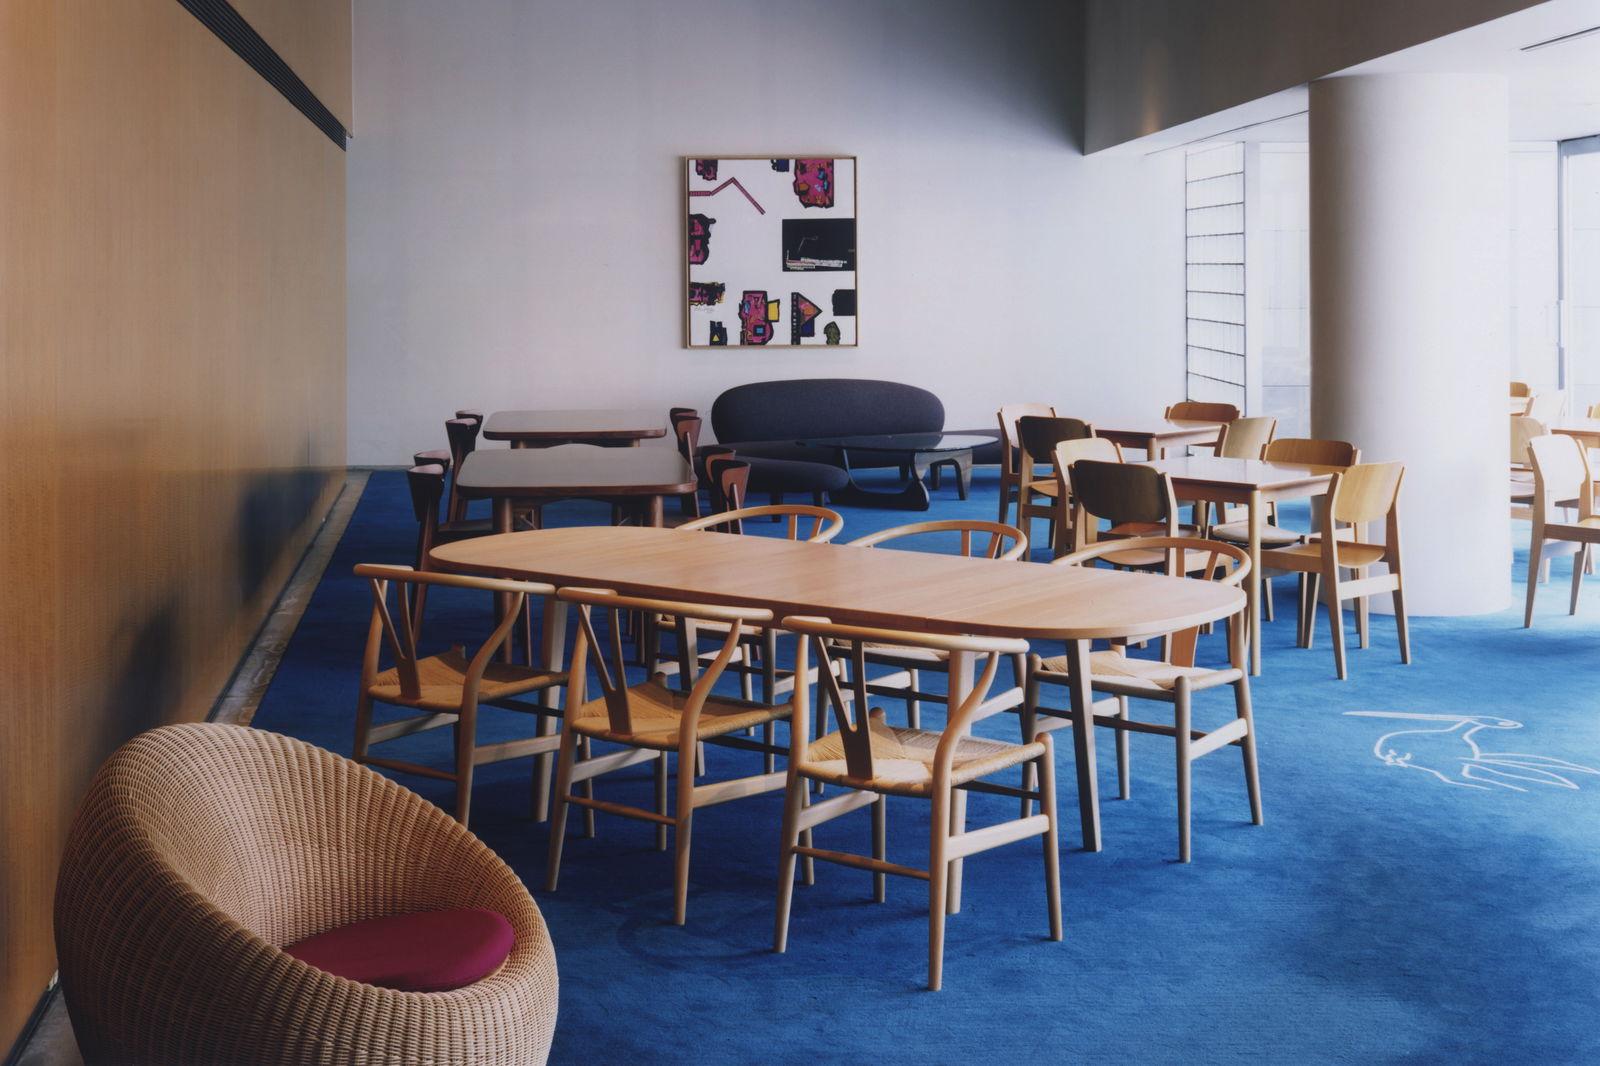 展示室の他に、カフェや美術図書館、造形スタジオ、広々としたロビー、ミュージアムホールが併設され、開放的な空間の中で思い思いに時間を過ごせます(撮影:藤田一浩)